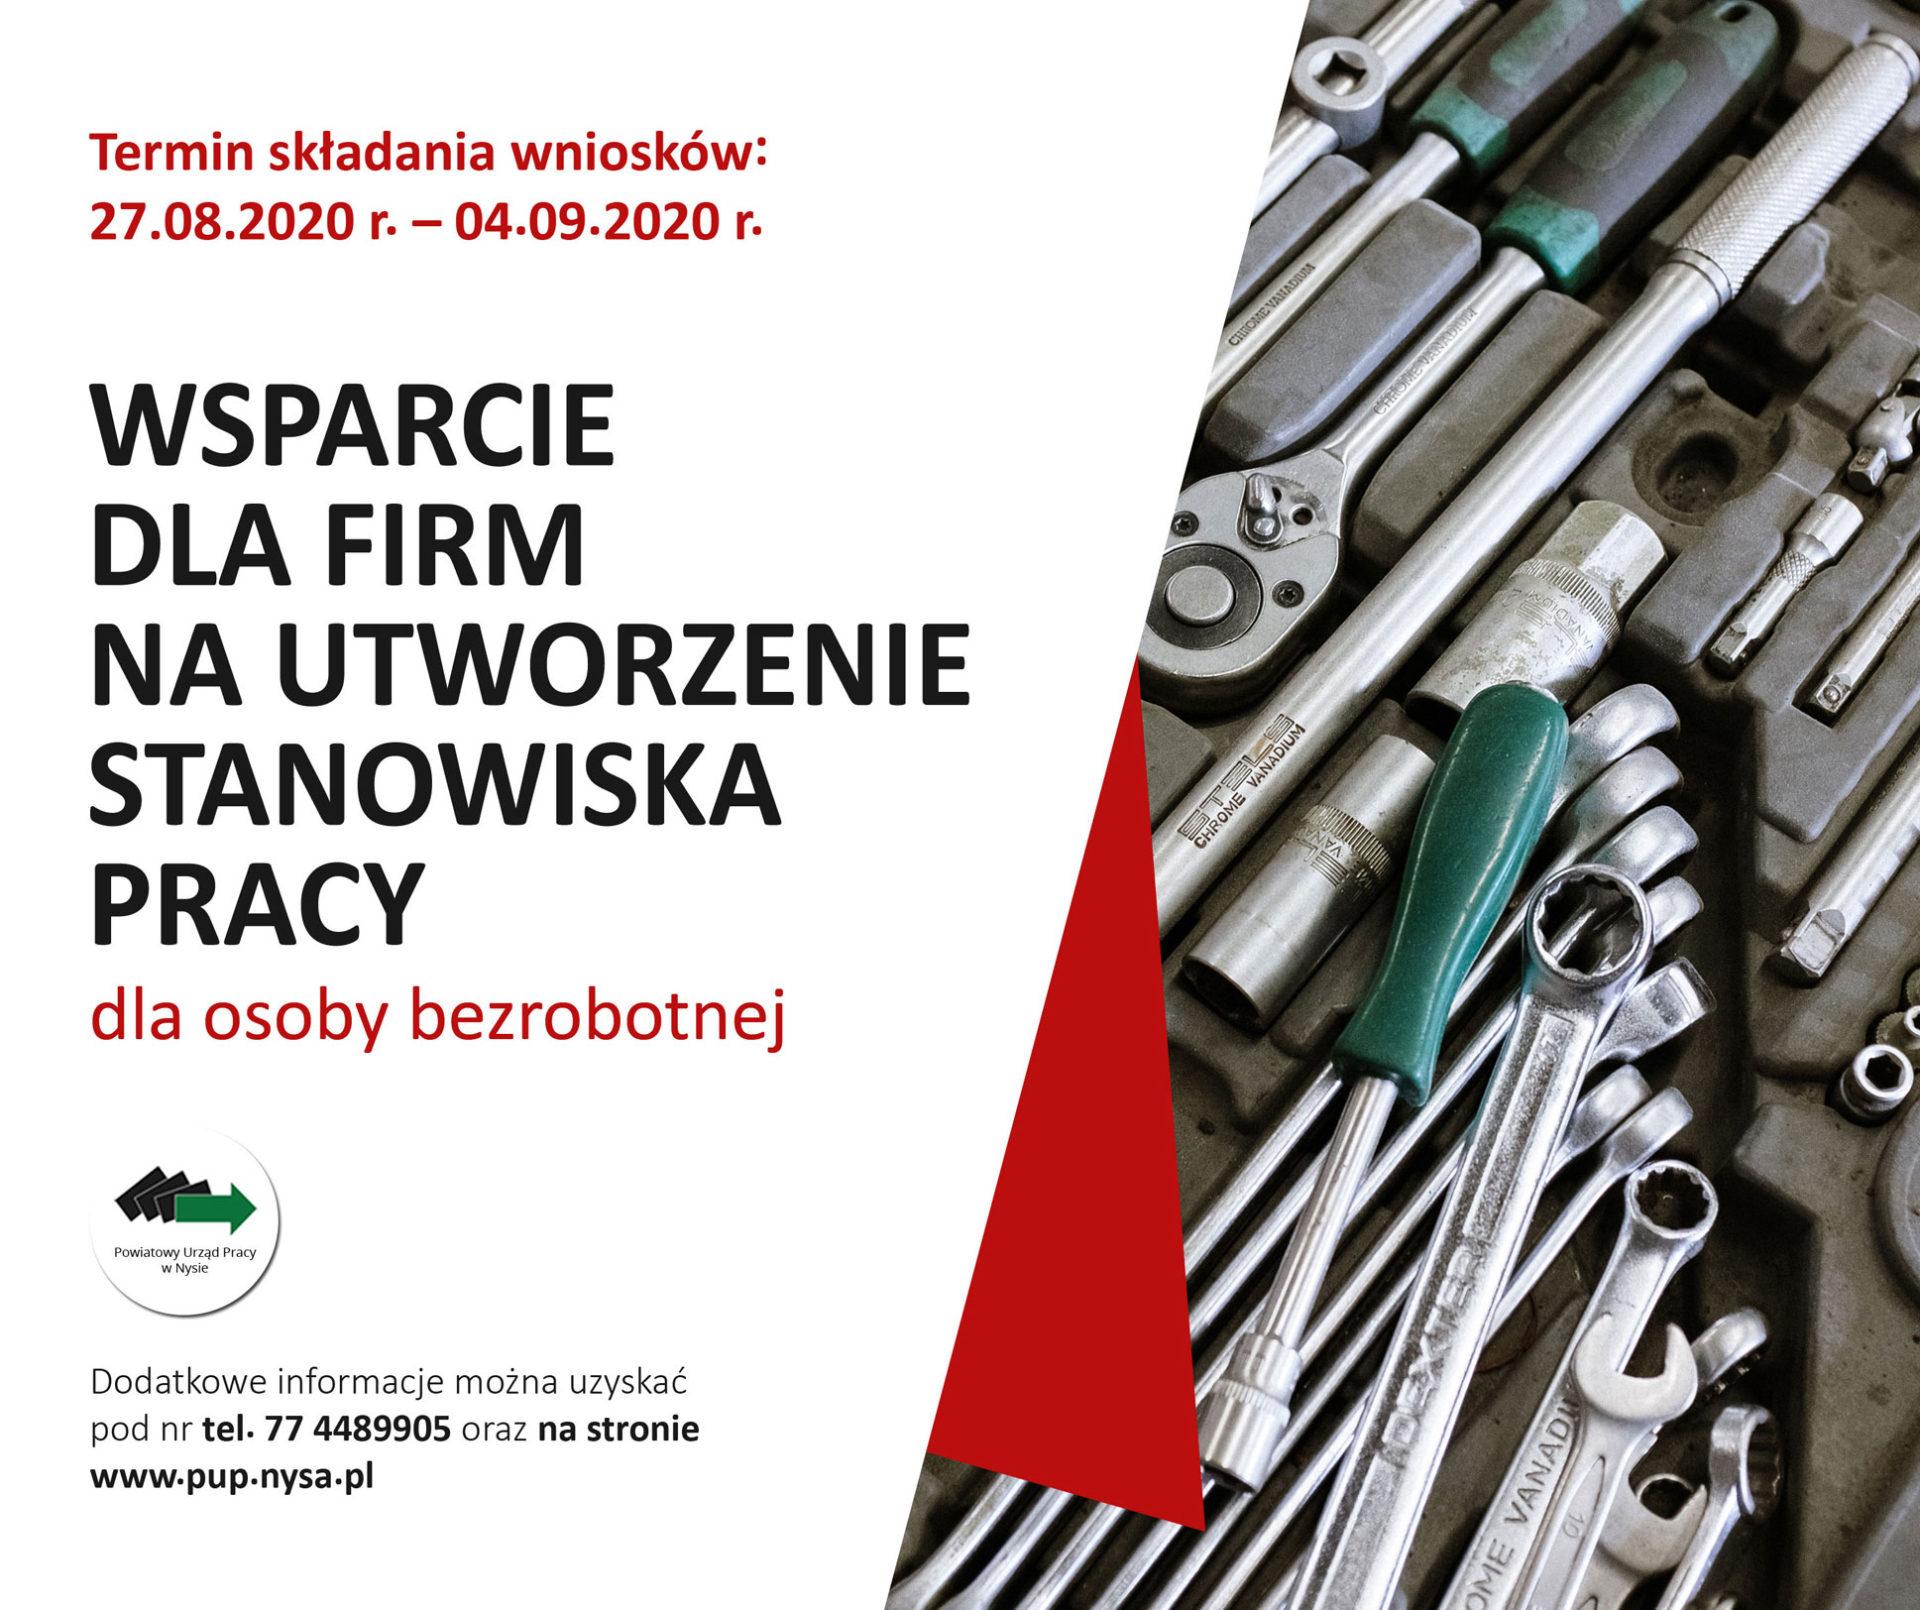 Wsparcie dla firm na utworzenie stanowiska pracy dla osoby bezrobotnej